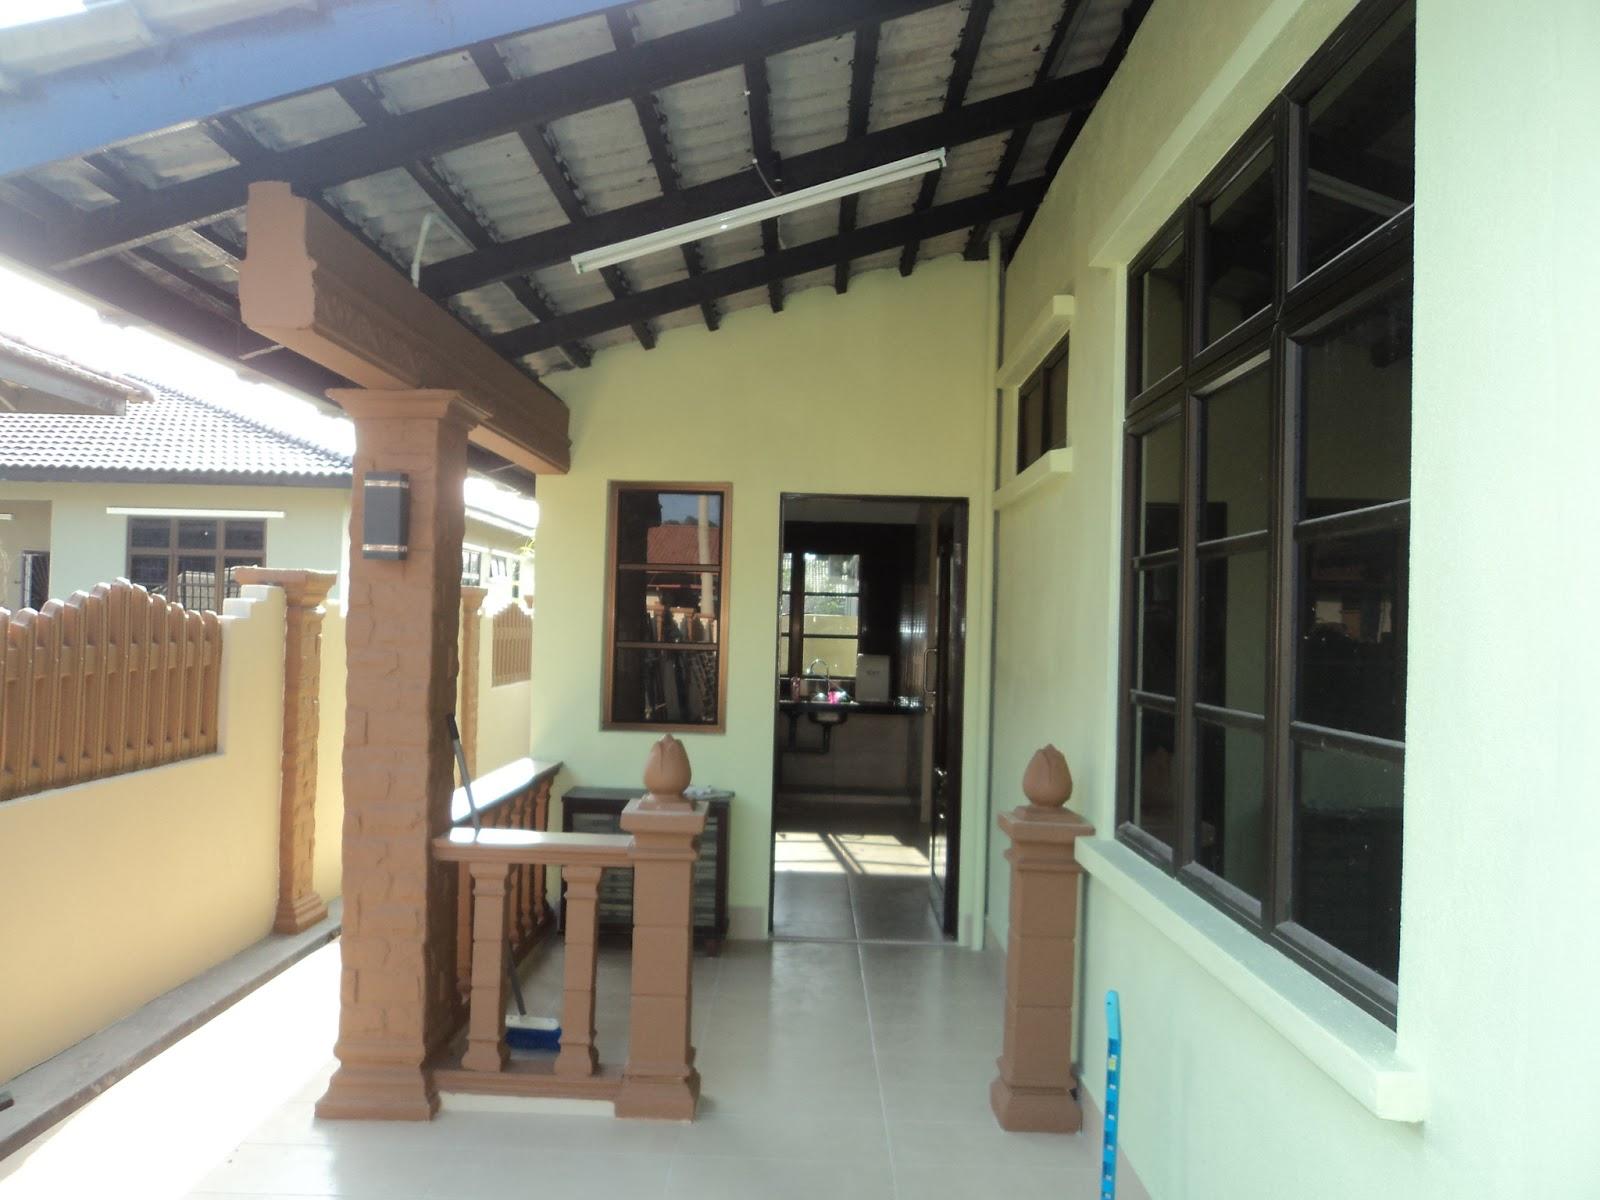 Ubahsuai Dapur Mengikut Citarasa Bina Kediaman Santai Dengan Rekaan Menarik Luar Rumah Kami Akan Membantu Anda